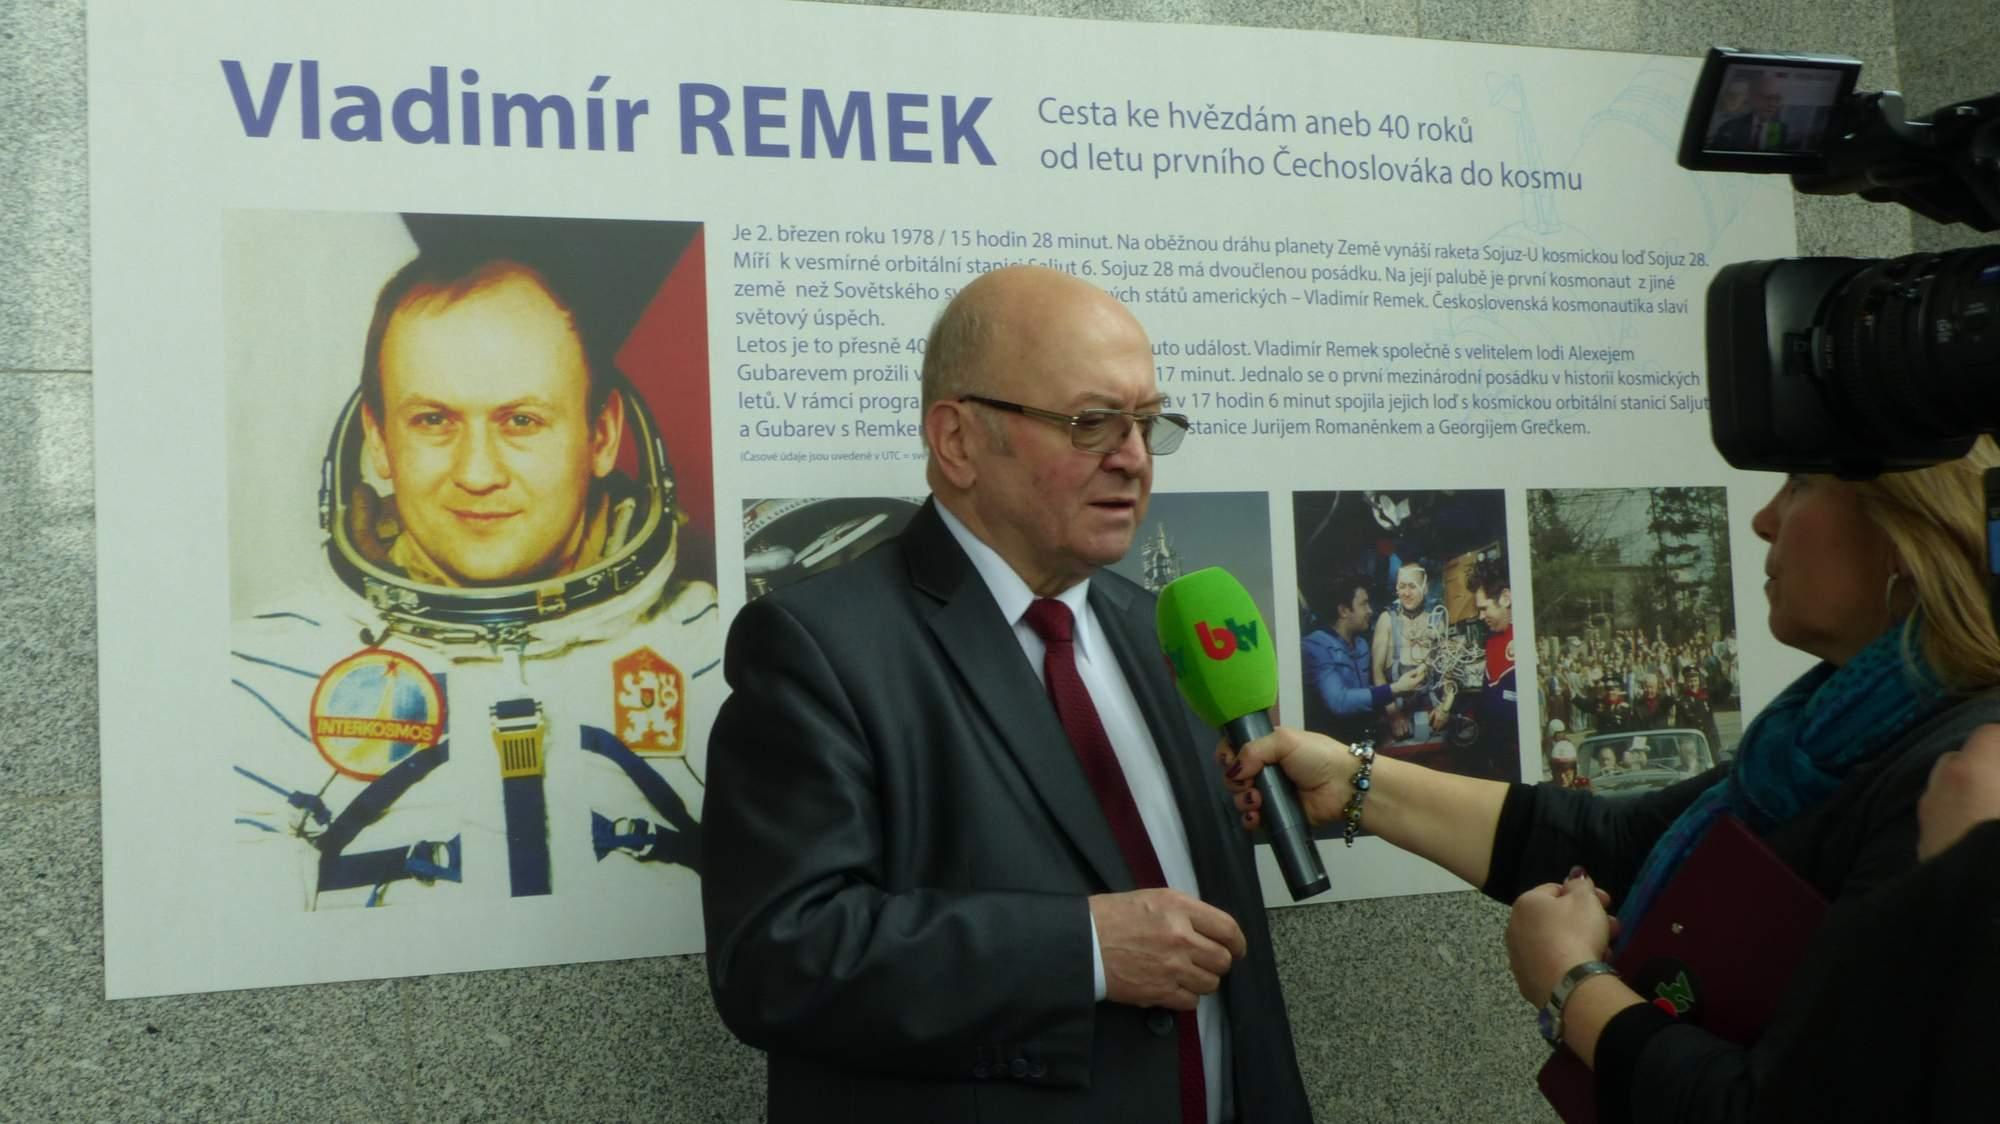 První československý kosmonaut Vladimír Remek, Foto: Dominika Glaserová